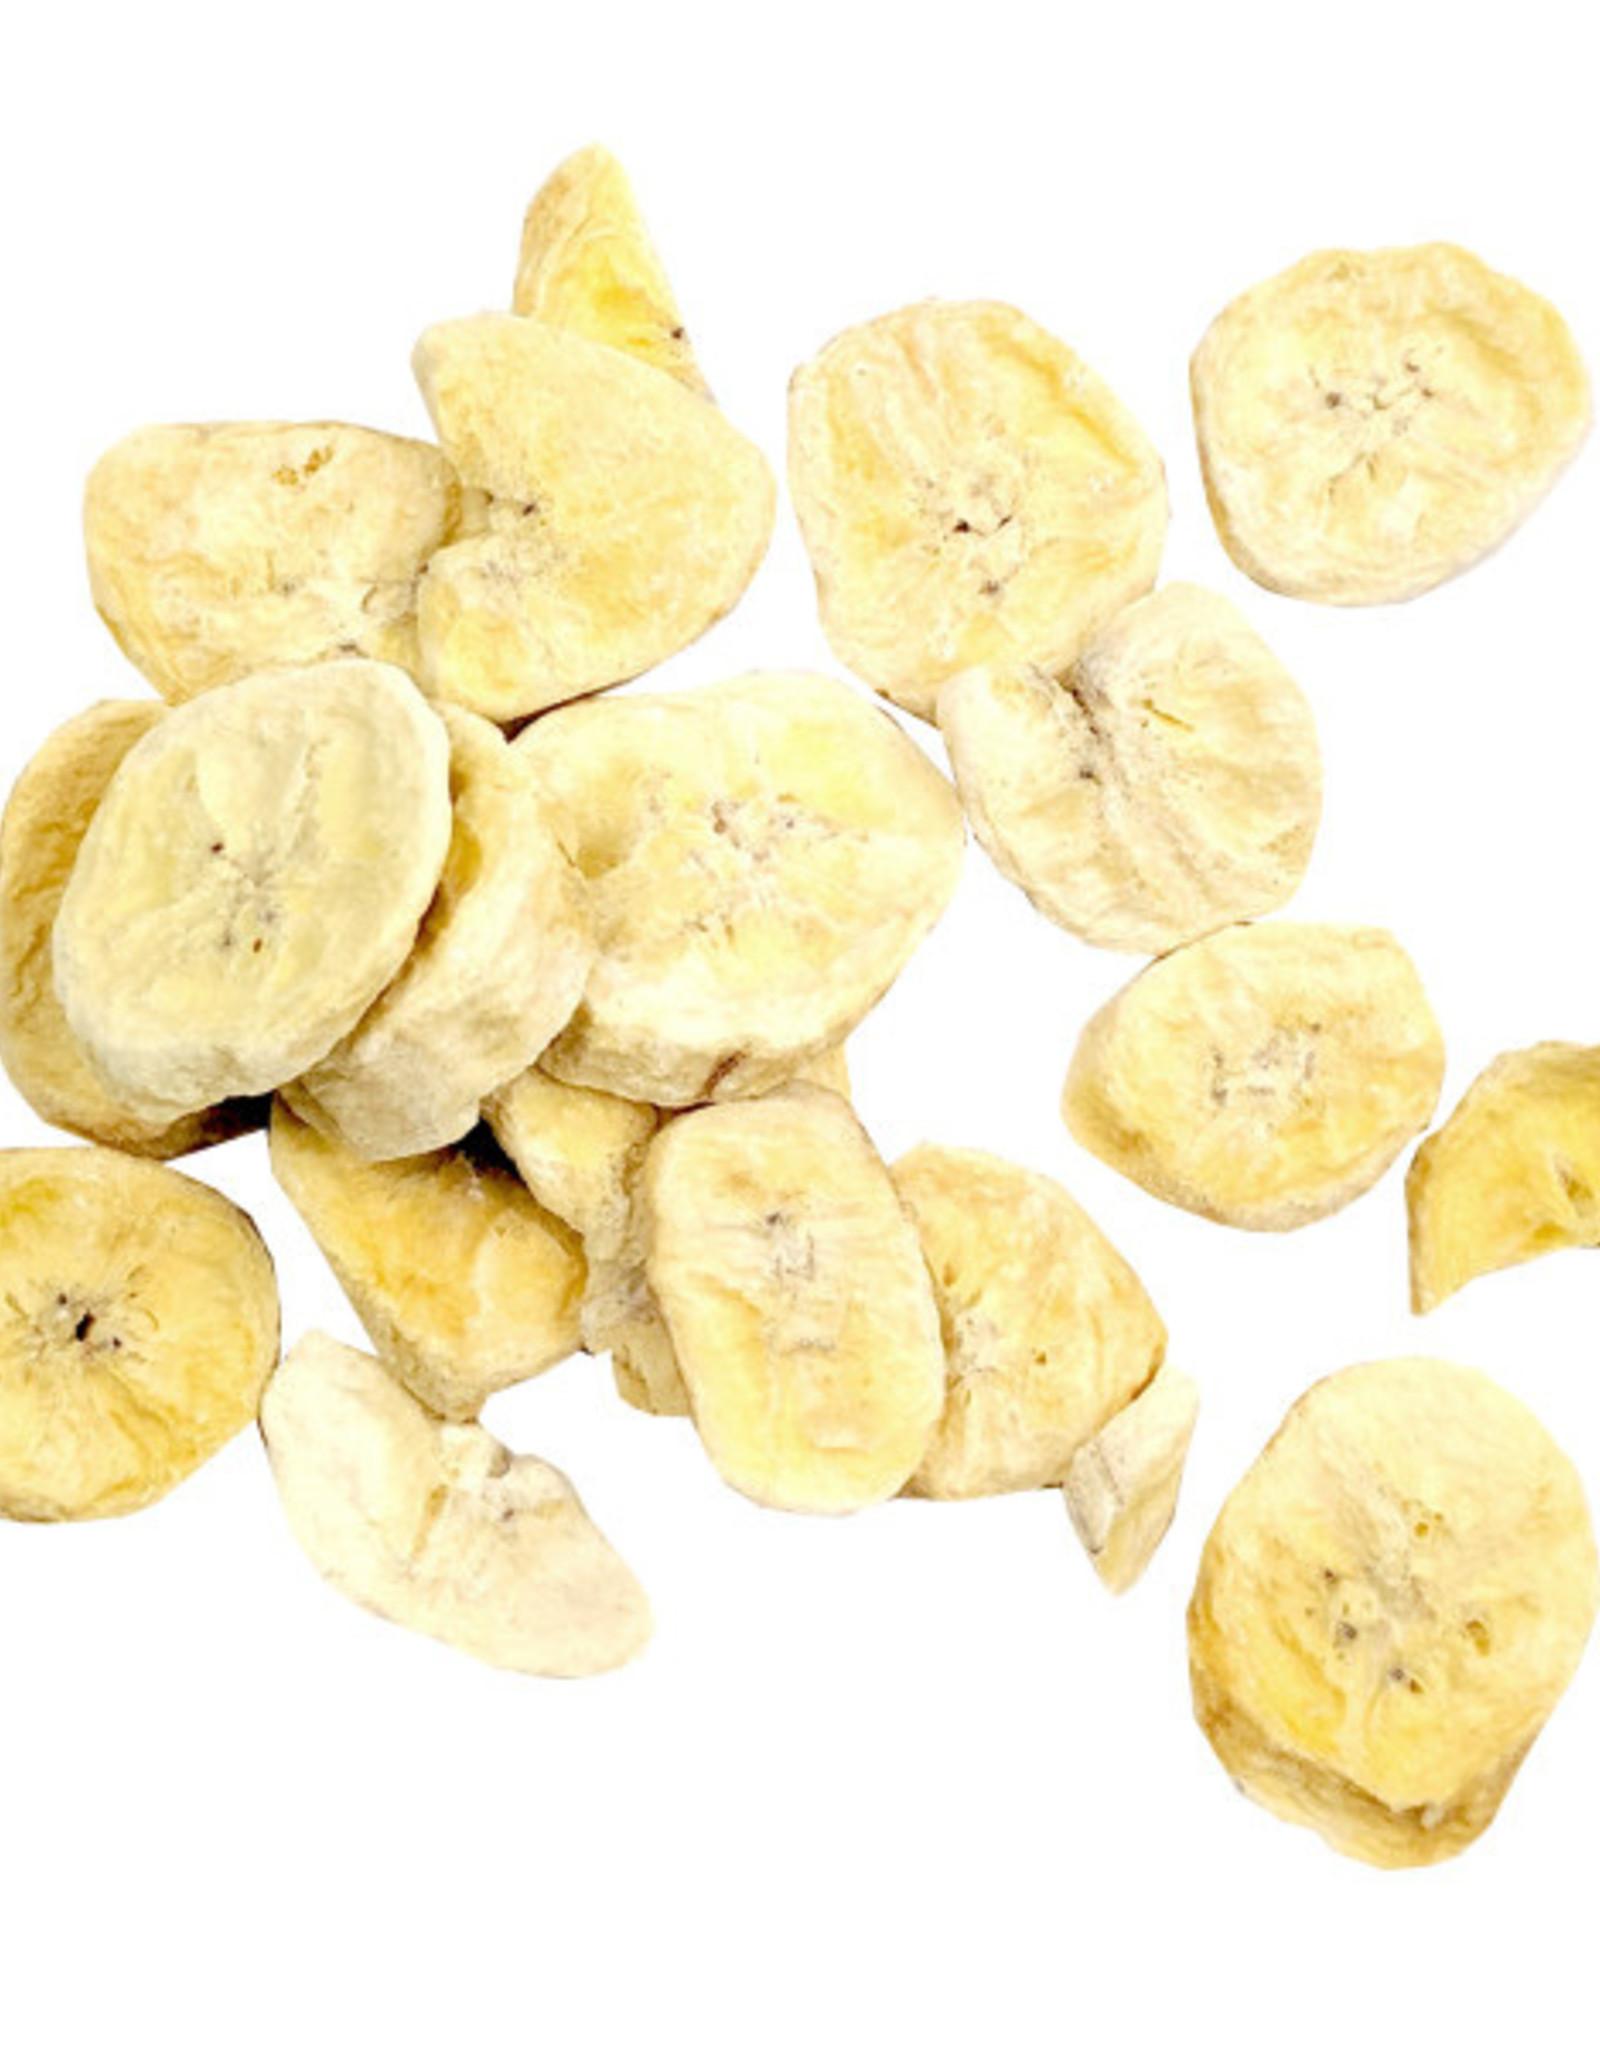 Oxbow Banana Treats